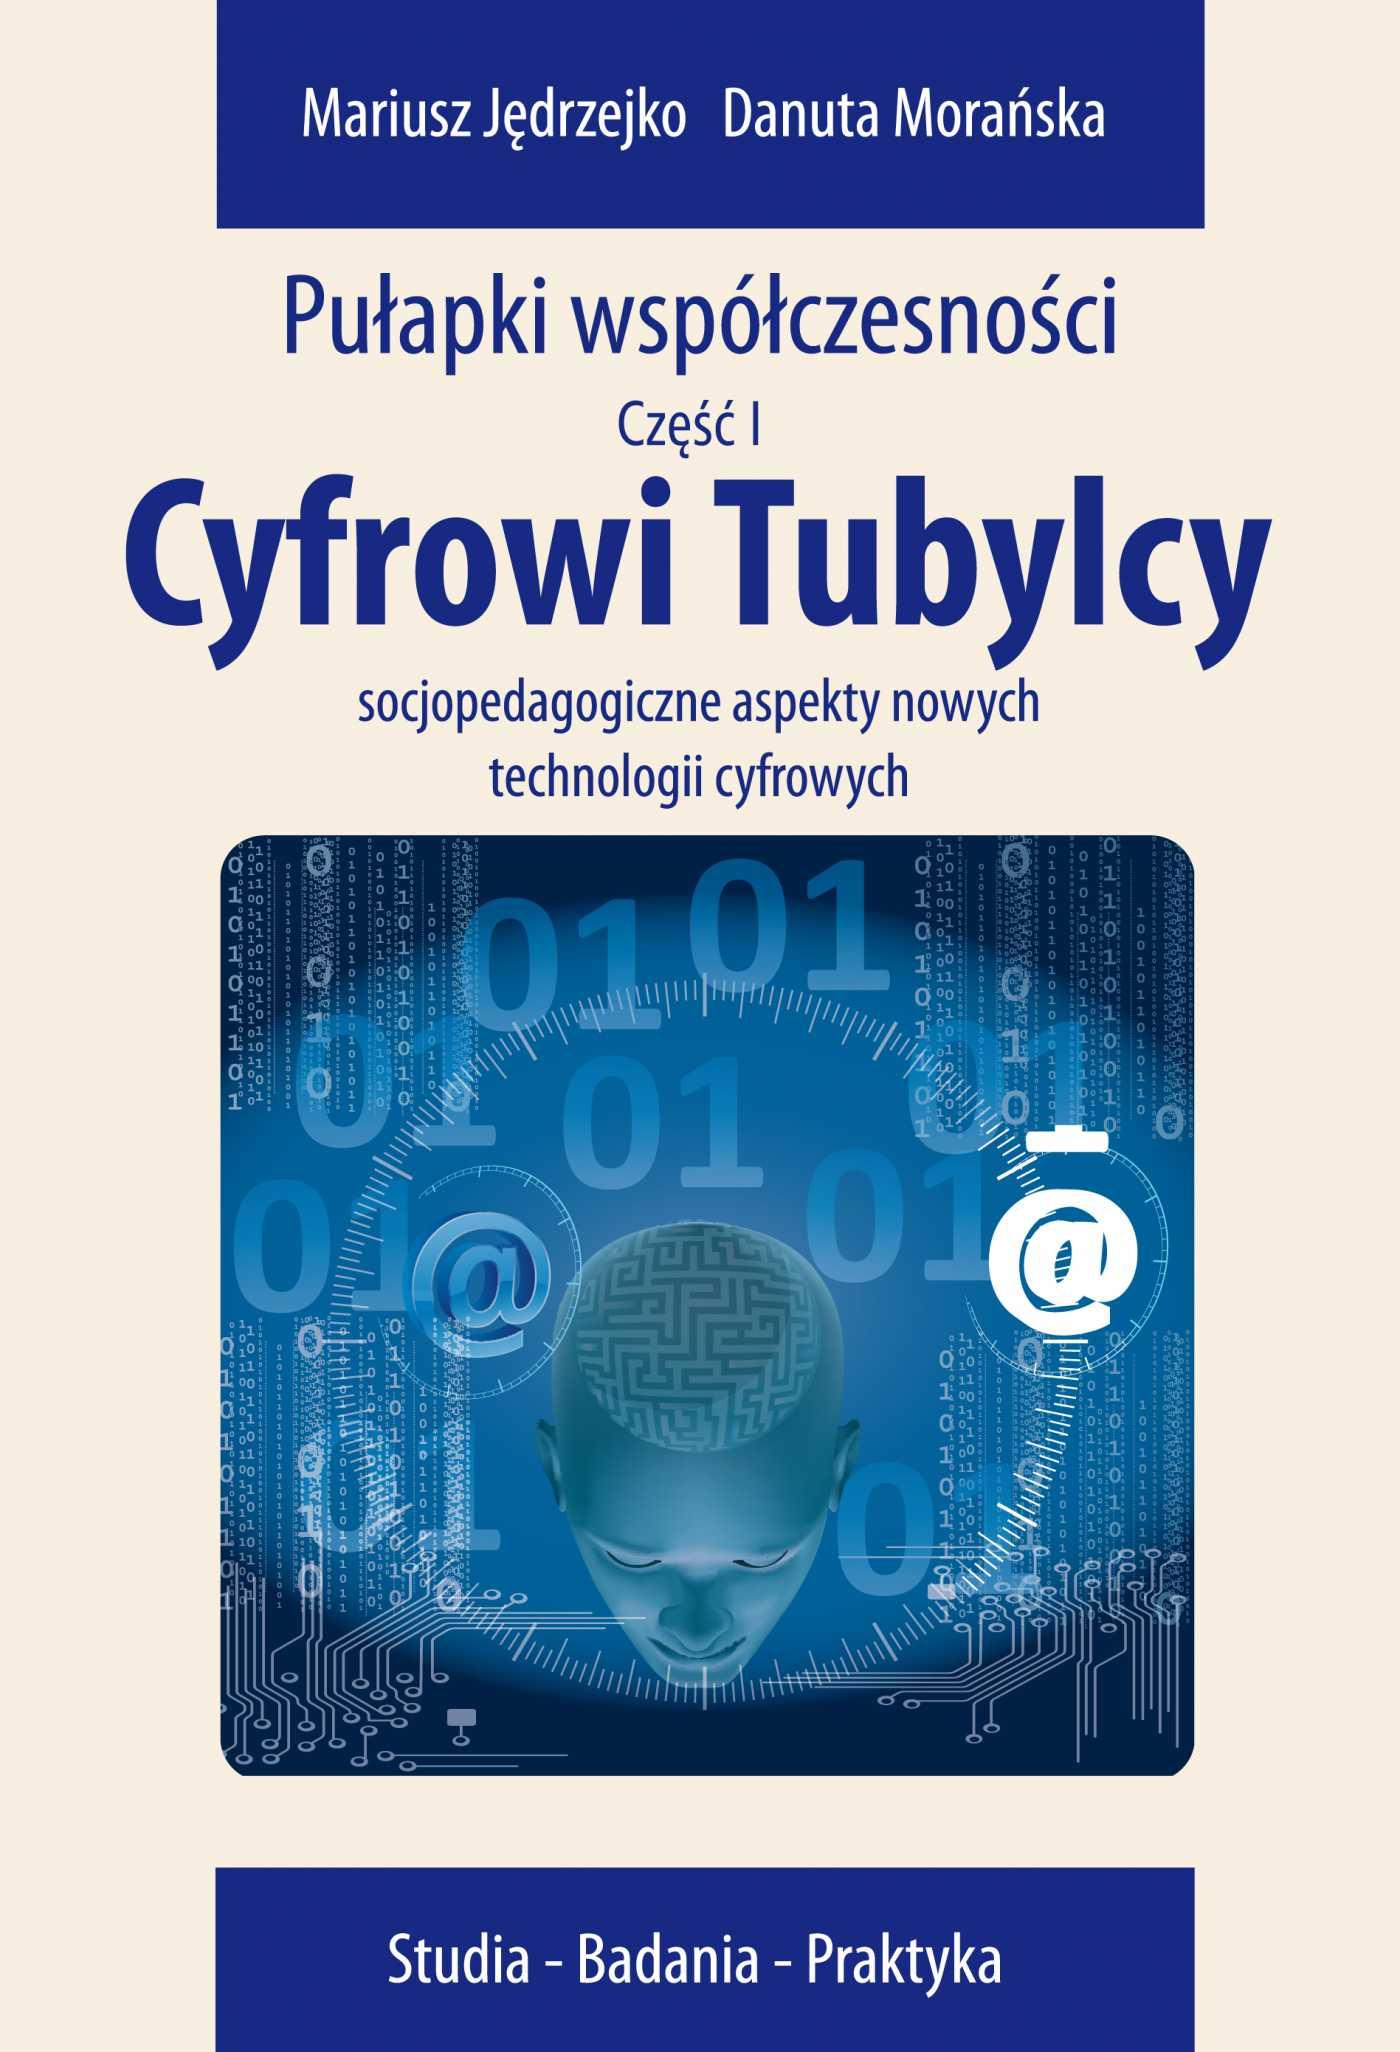 Cyfrowi Tubylcy. Socjopedagogiczne aspekty nowych technologii cyfrowych - Ebook (Książka PDF) do pobrania w formacie PDF